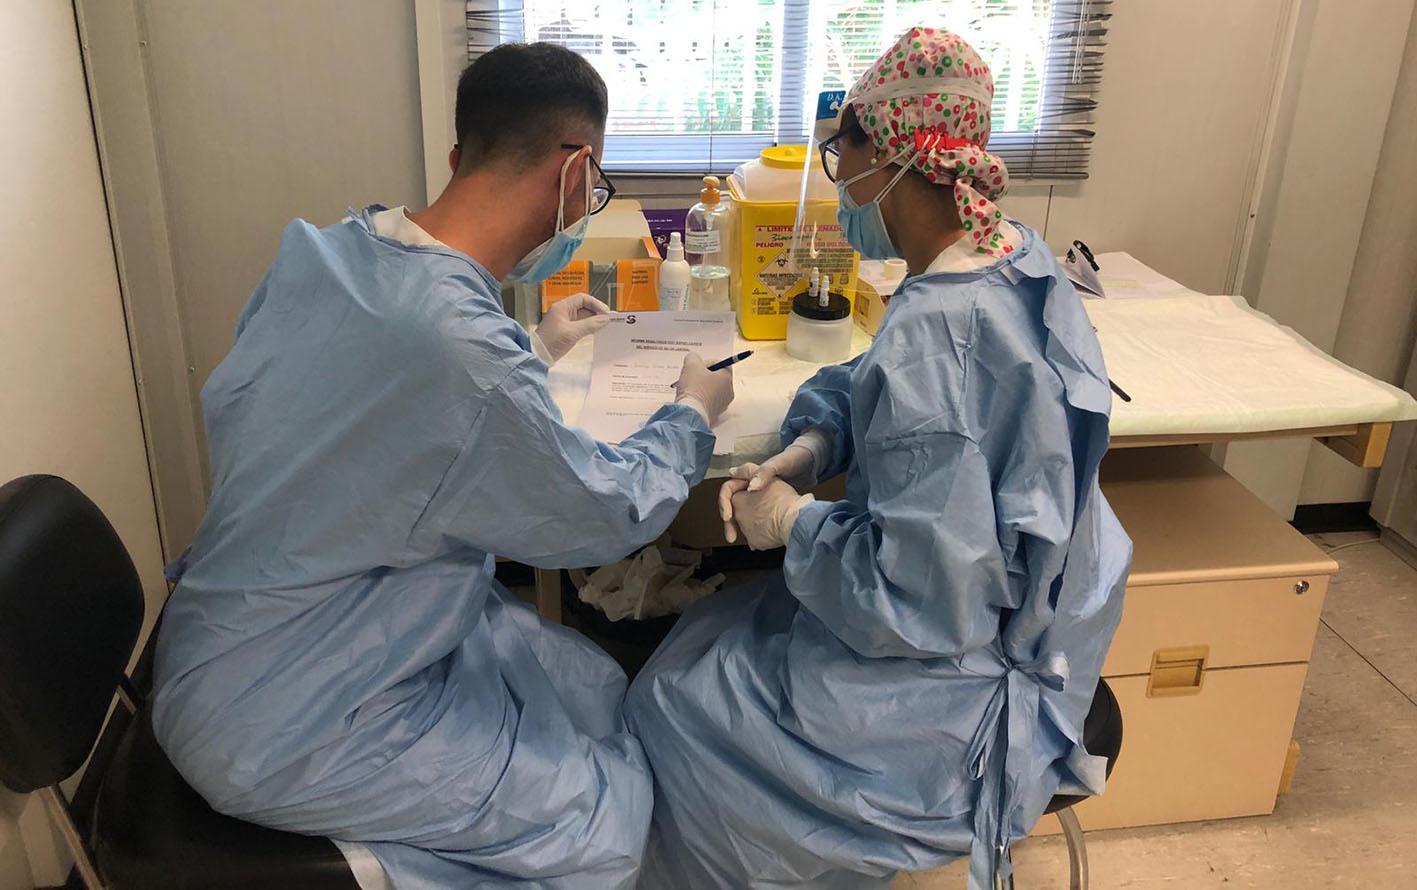 Imagen de archivo de sanitarios realizando pruebas de Covid-19